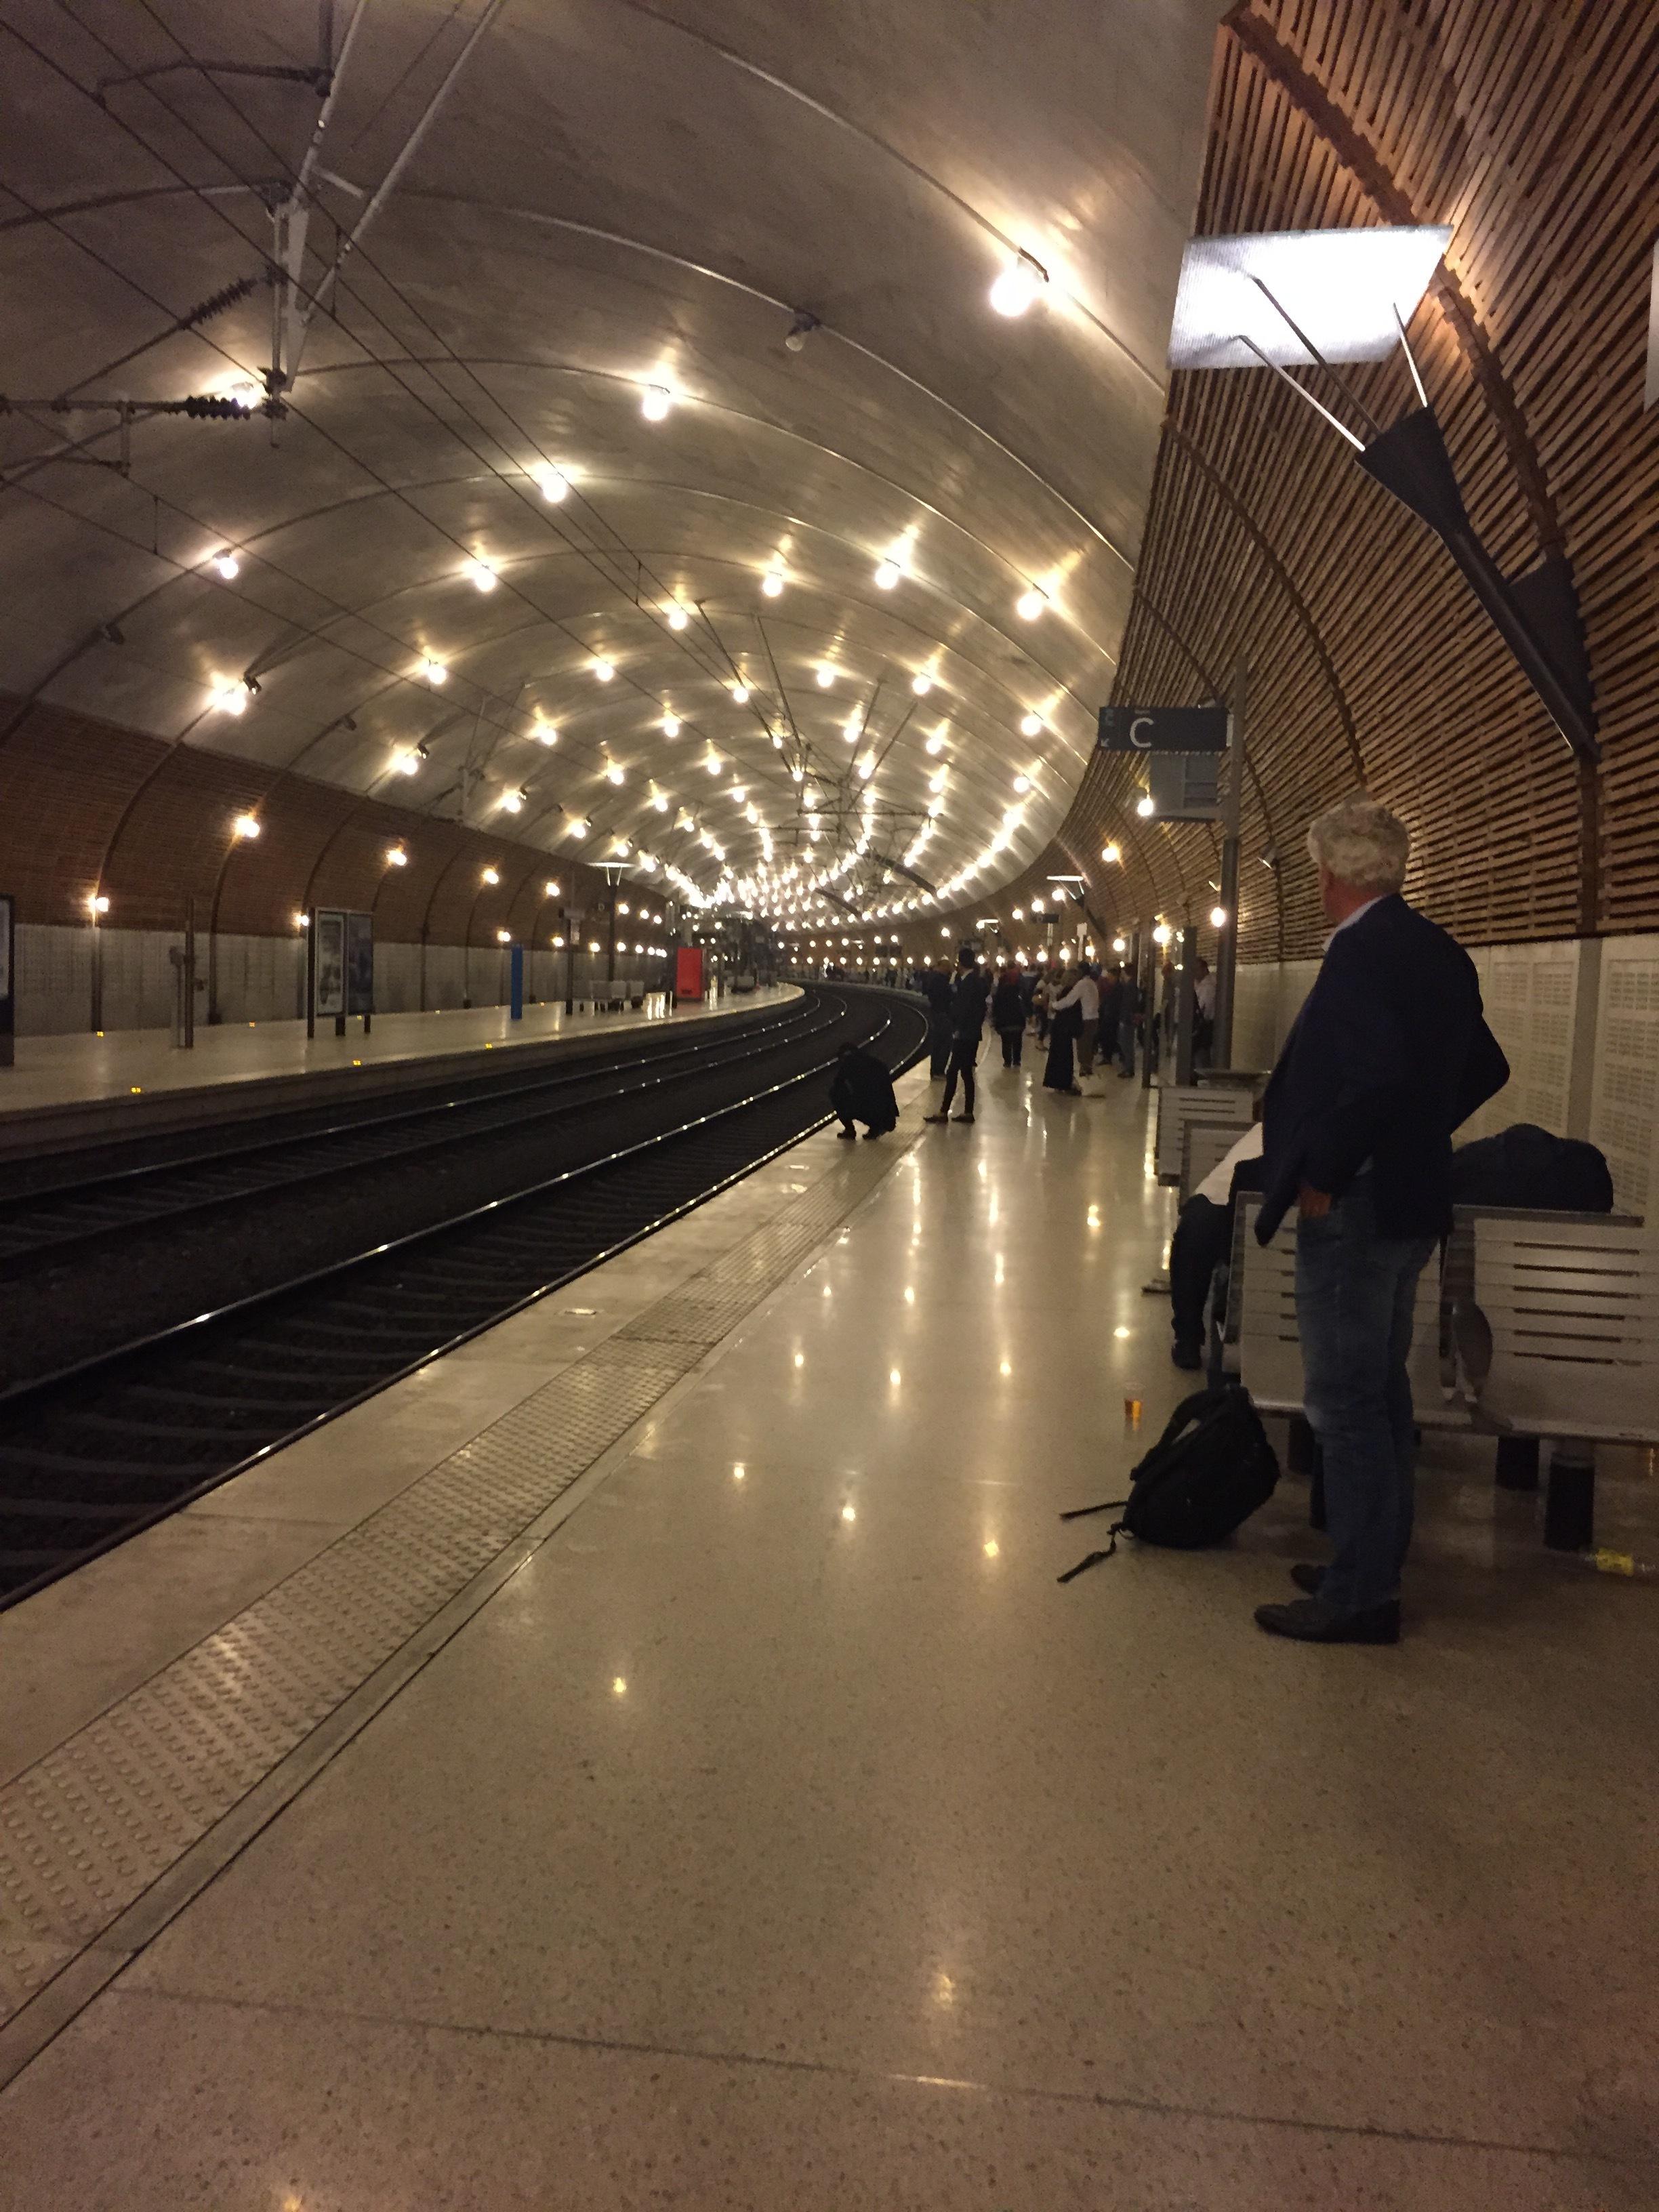 Monaco, somewhere underground